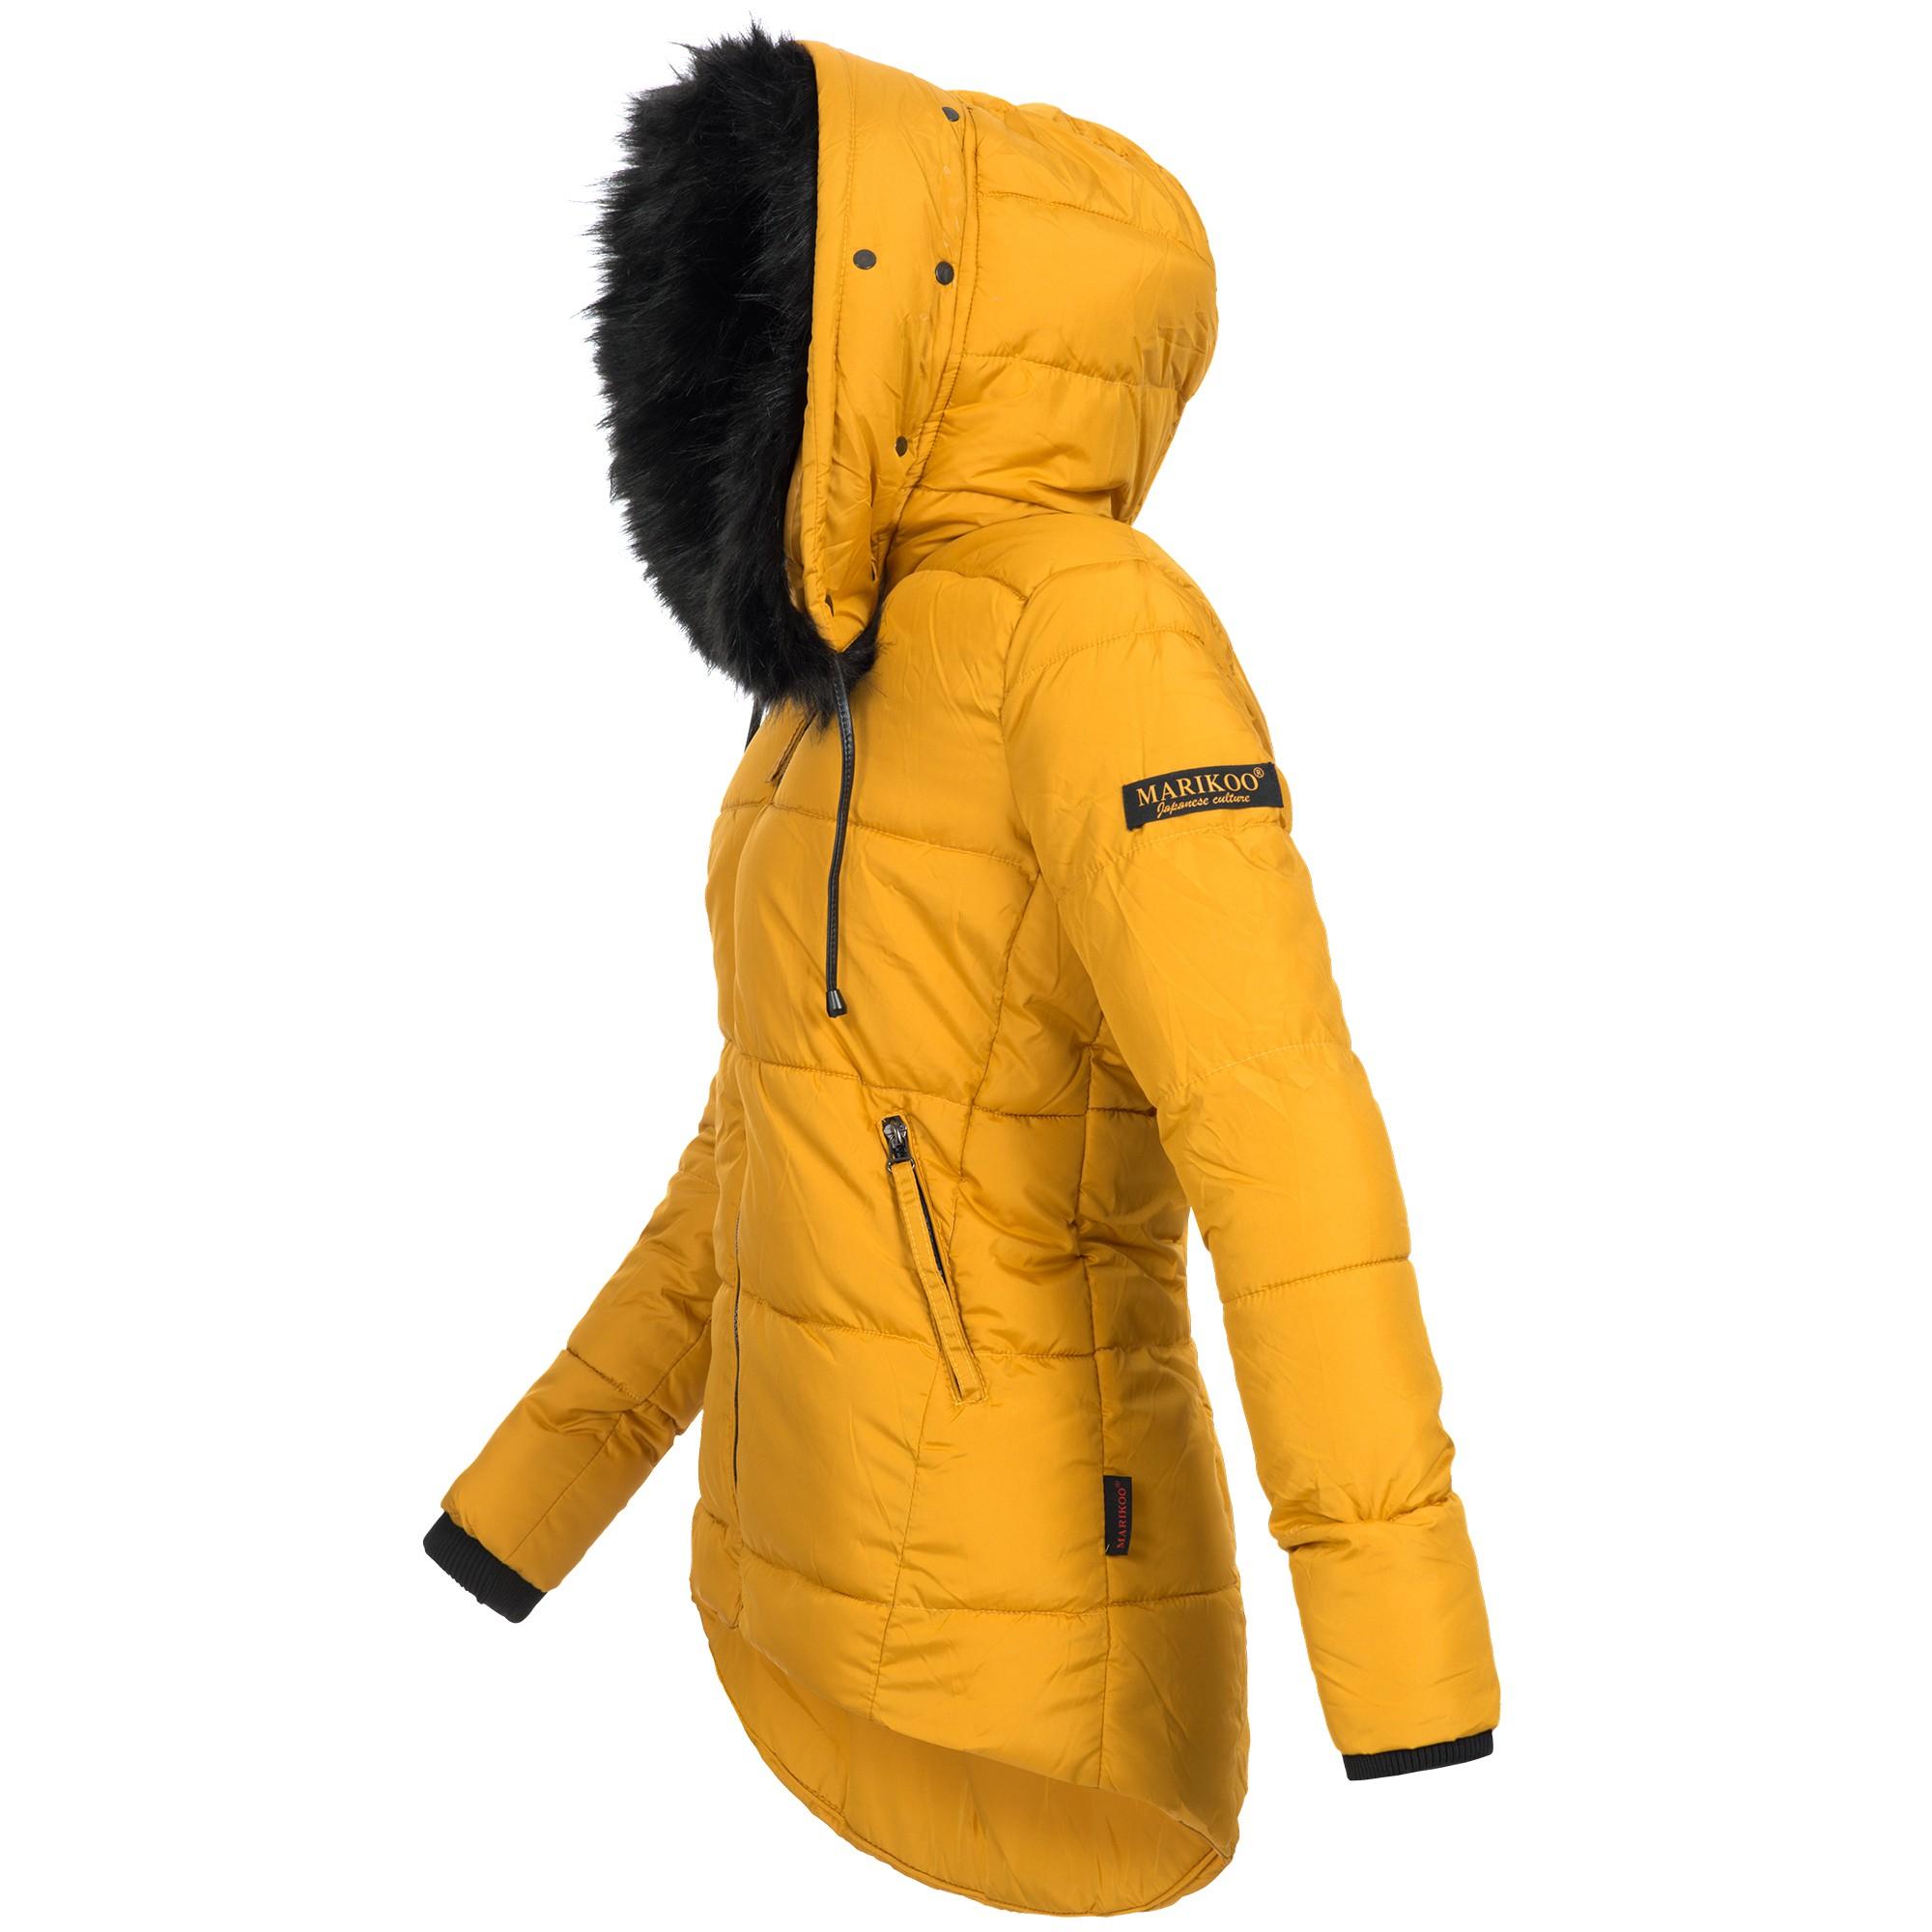 Lange Winterjacke Rot Beliebte Jacken Für Die Saison 2018